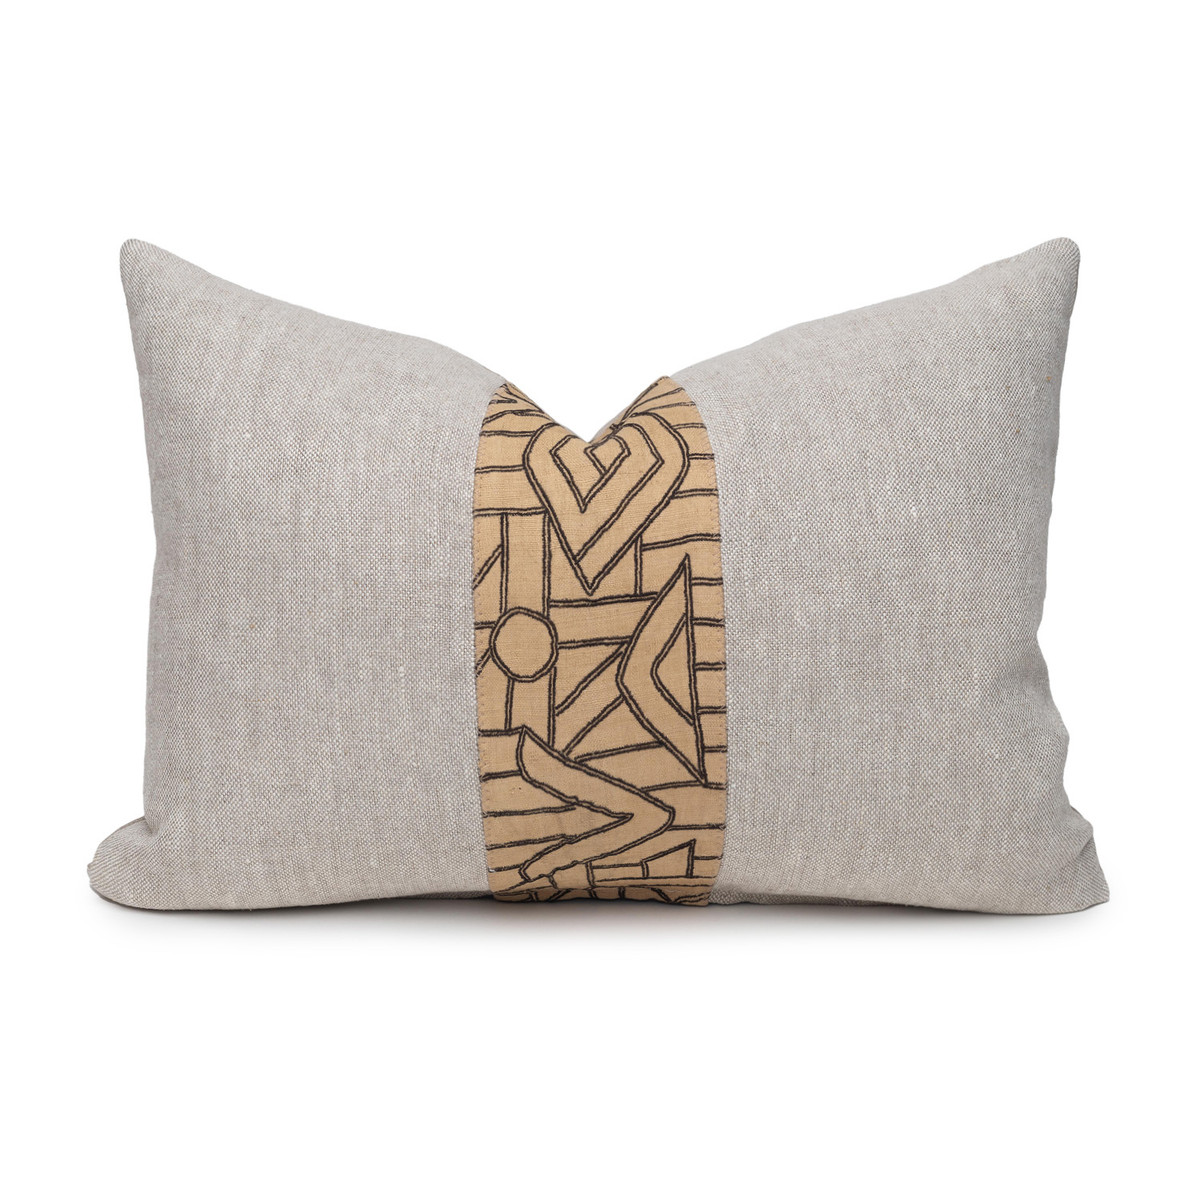 Kuba Natural Linen and Aso Oke Lumbar Pillow - 1622- Front View